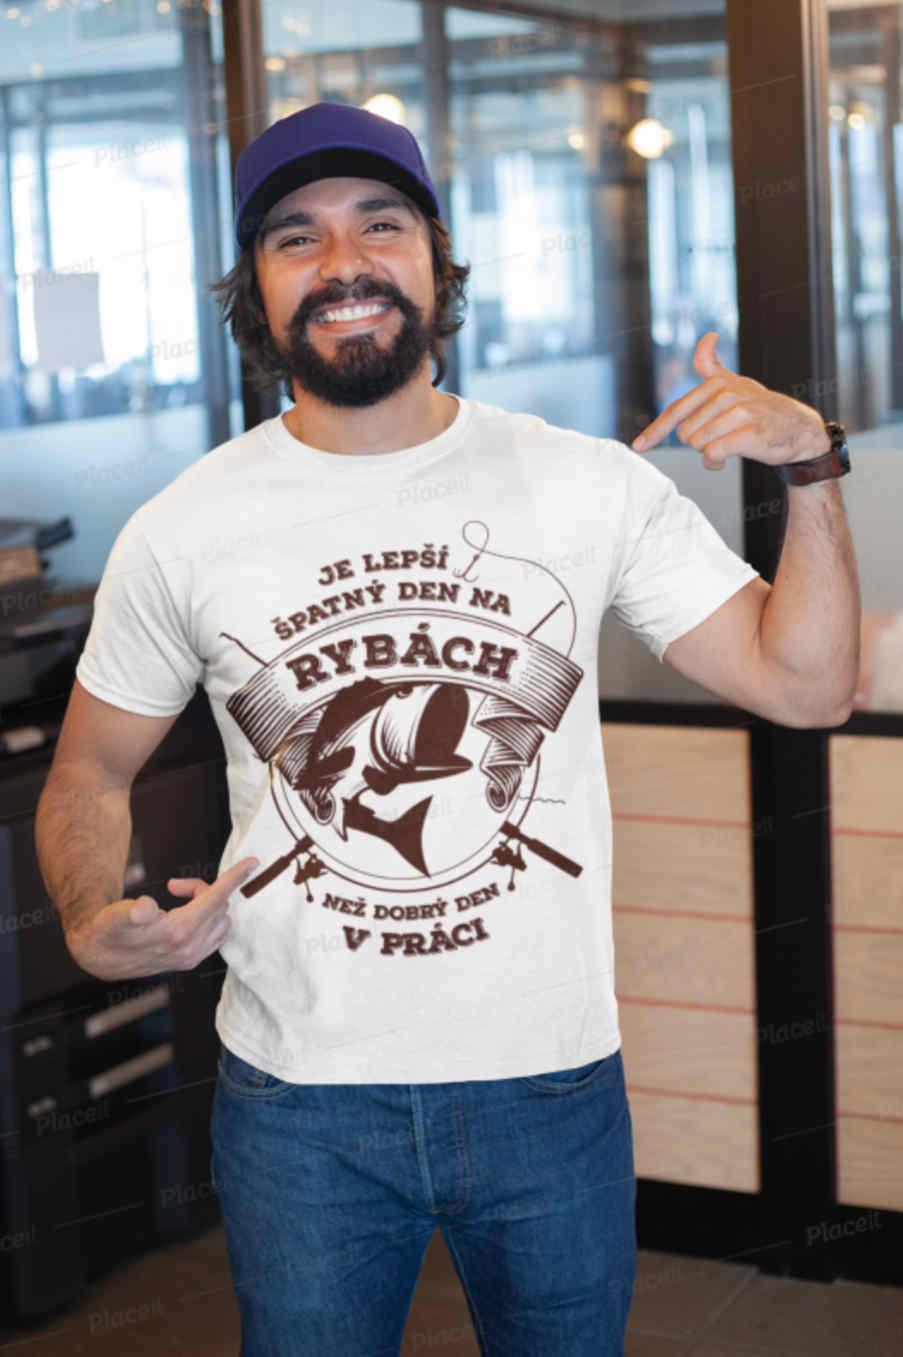 Rybářská trička s vtipným motivem